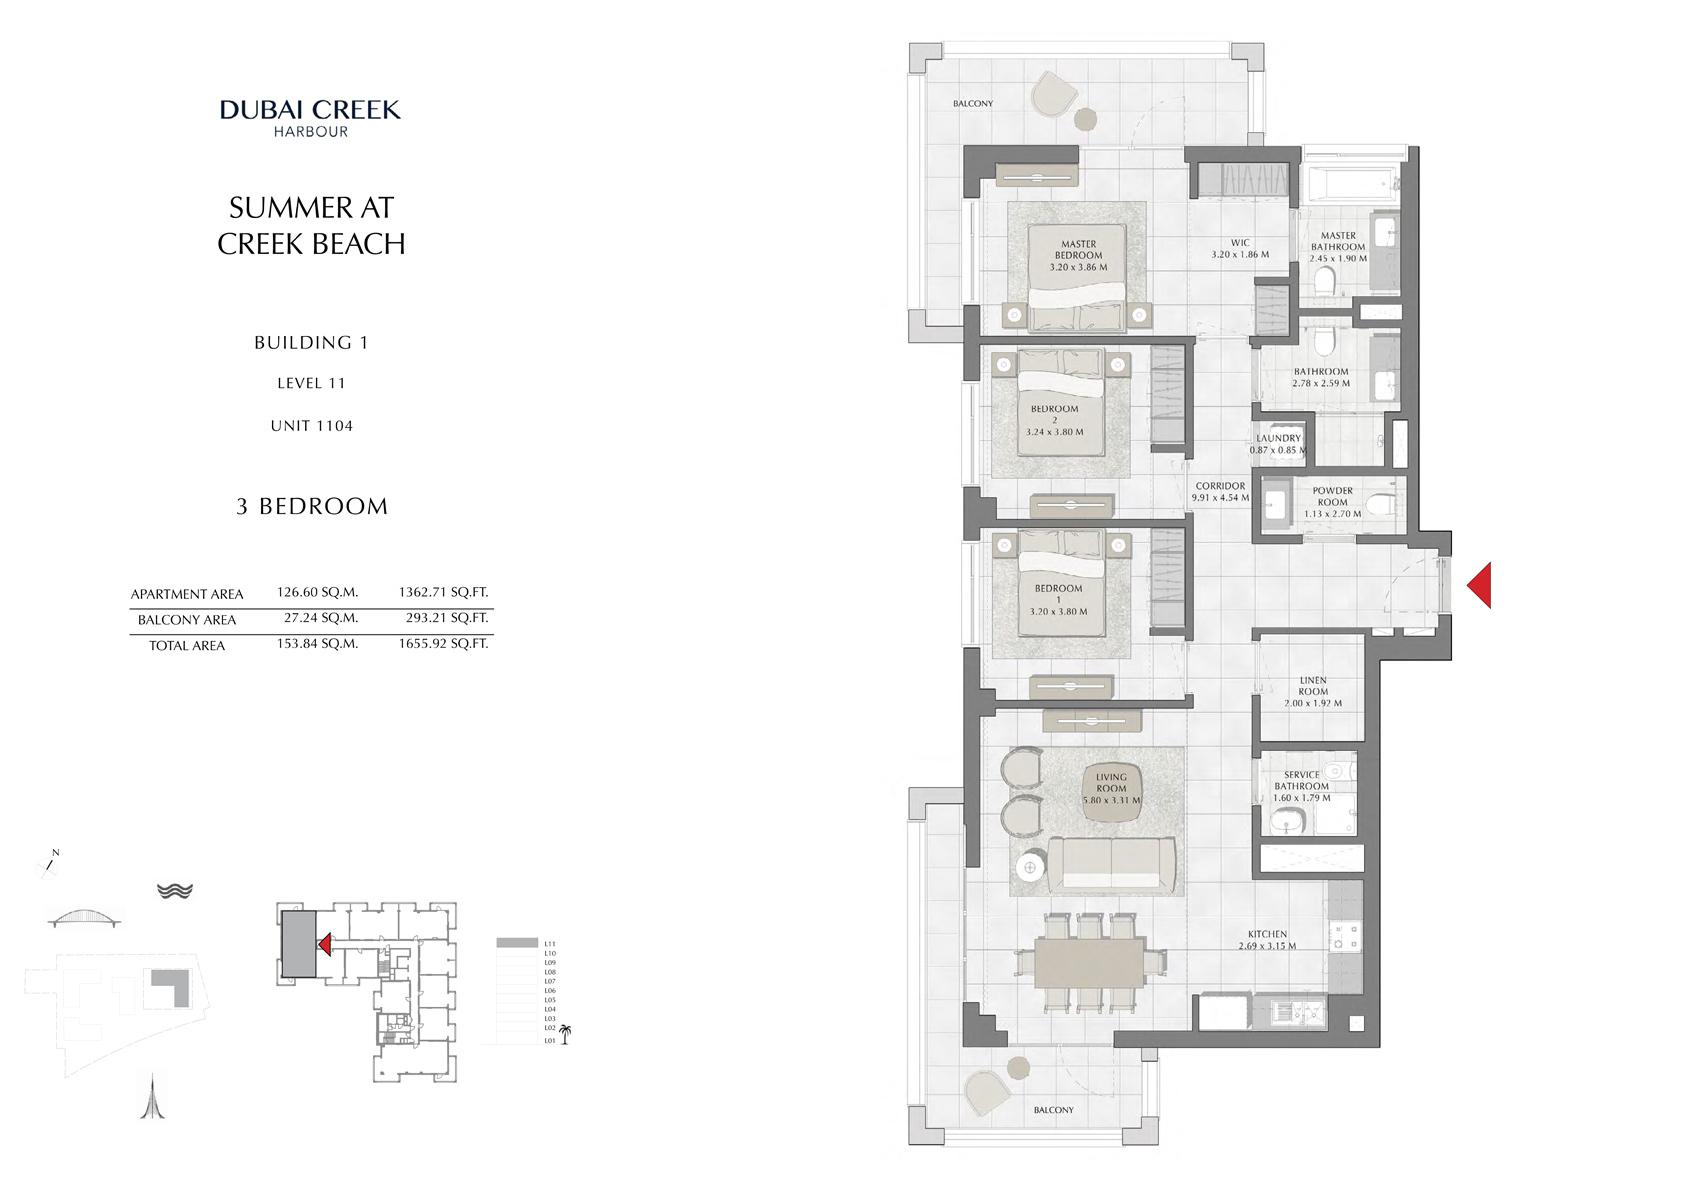 3 Br Building 1 Level 11 Unit 1104, Size 1655 Sq Ft